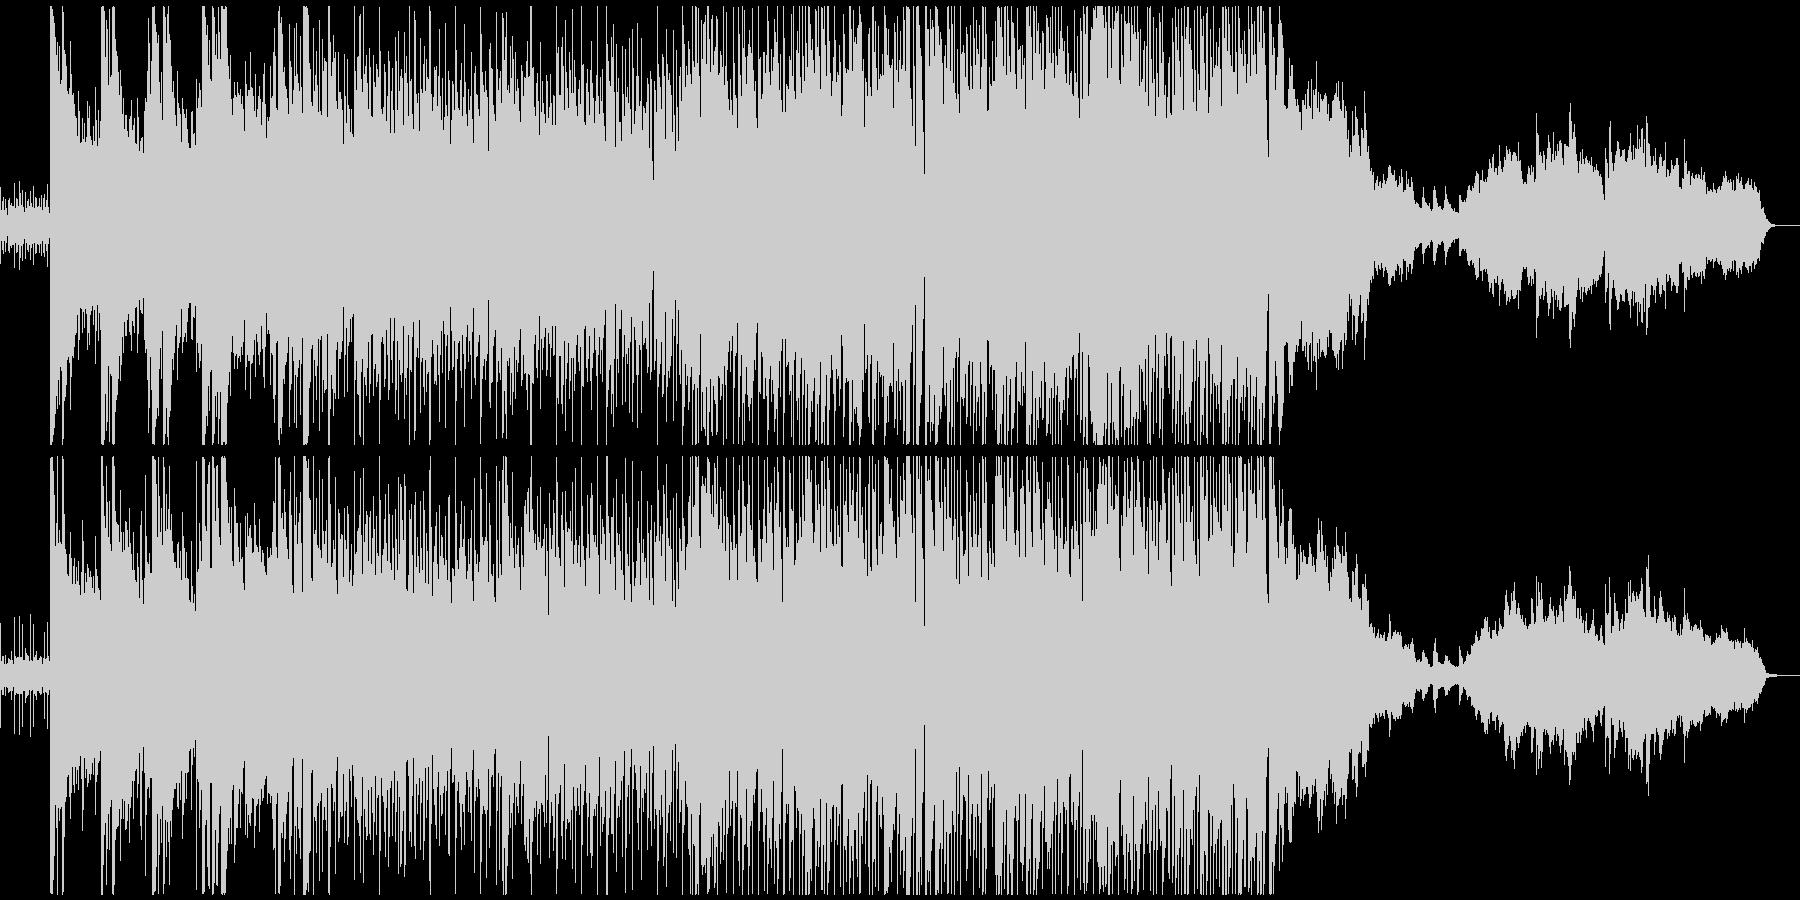 キラキラした印象のピアノのポップスの未再生の波形